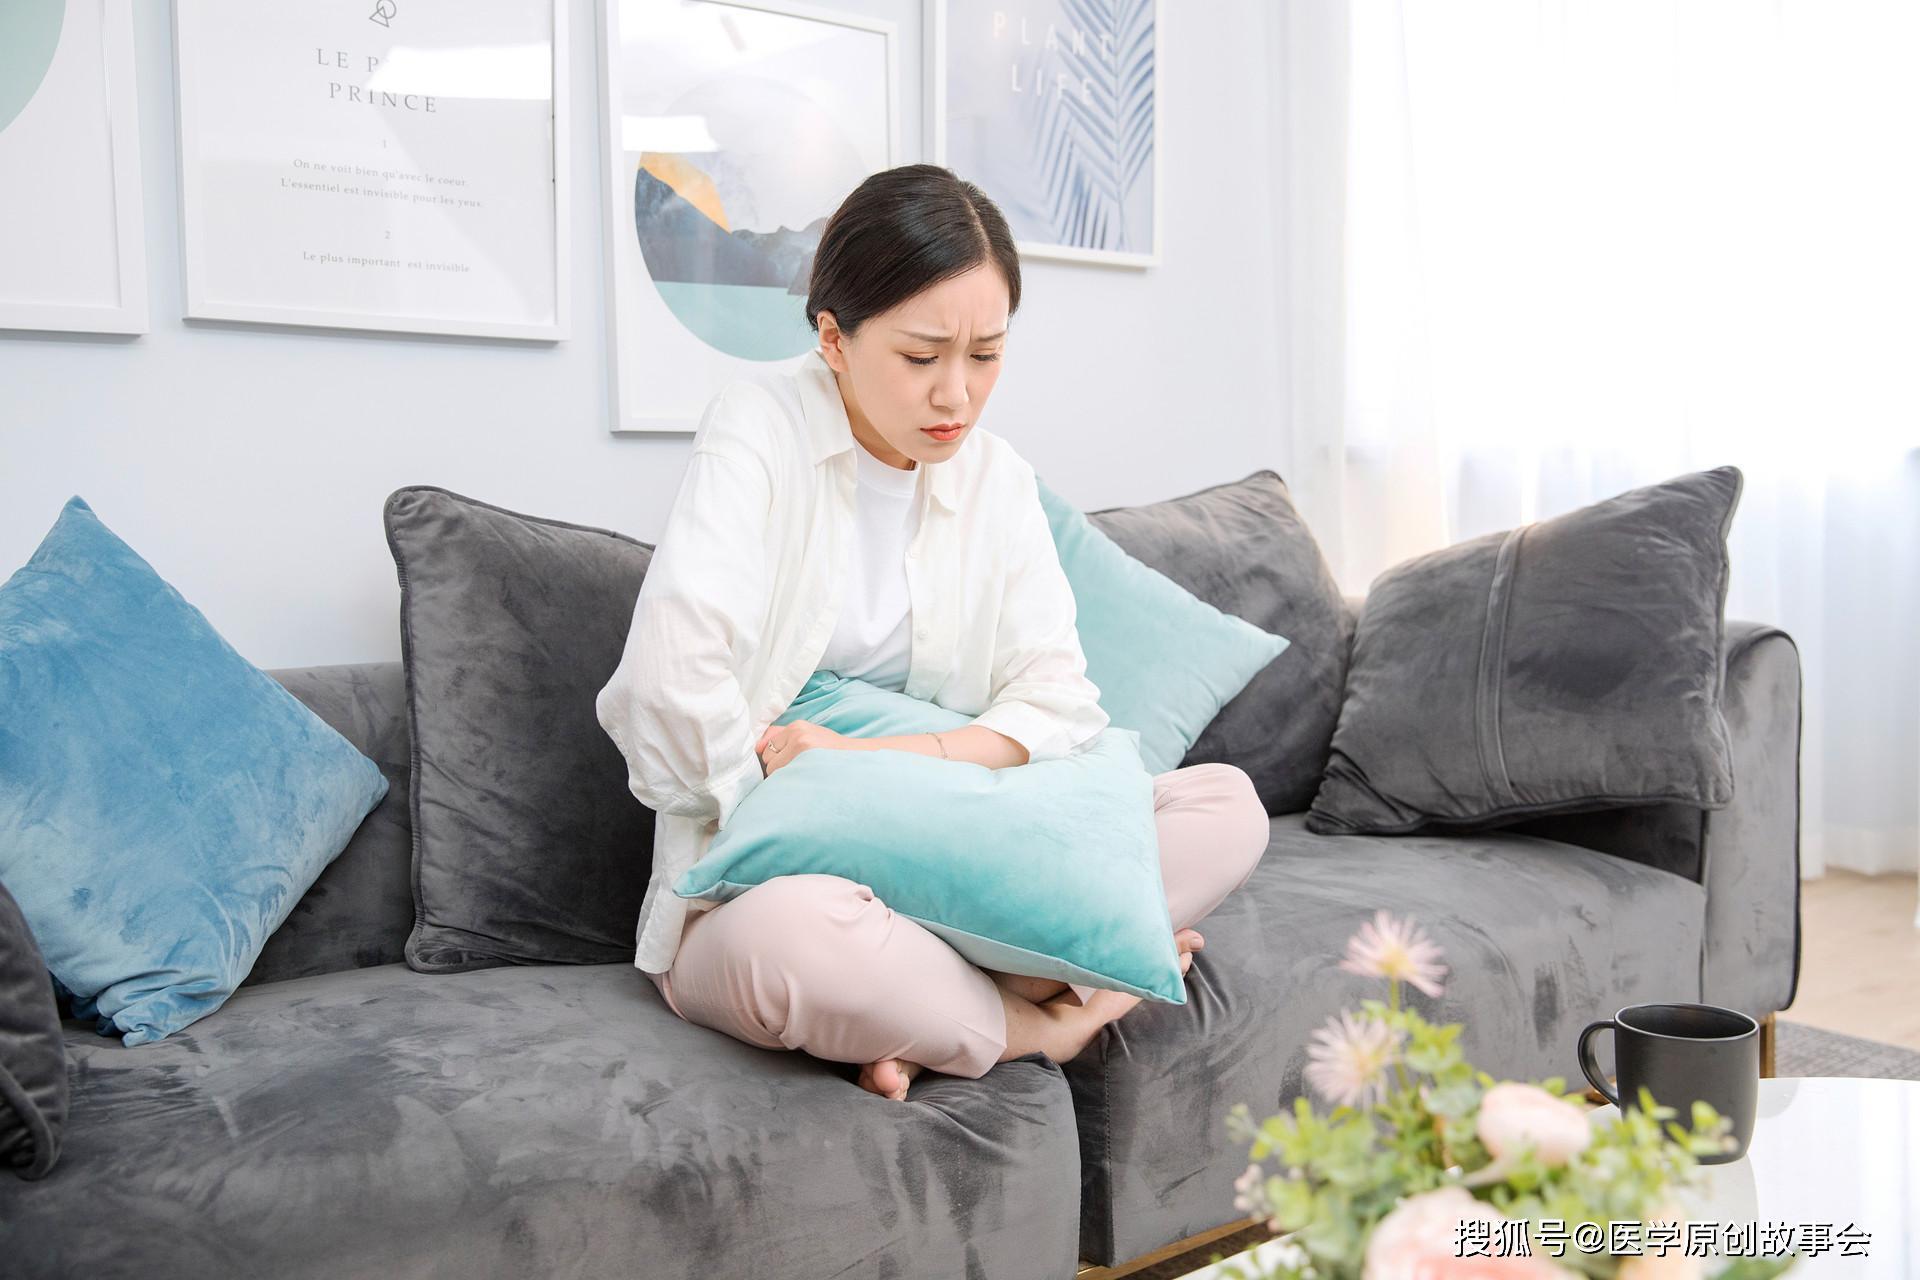 宫颈癌常常有五个标志,超过三个以上,提示癌症进展很快